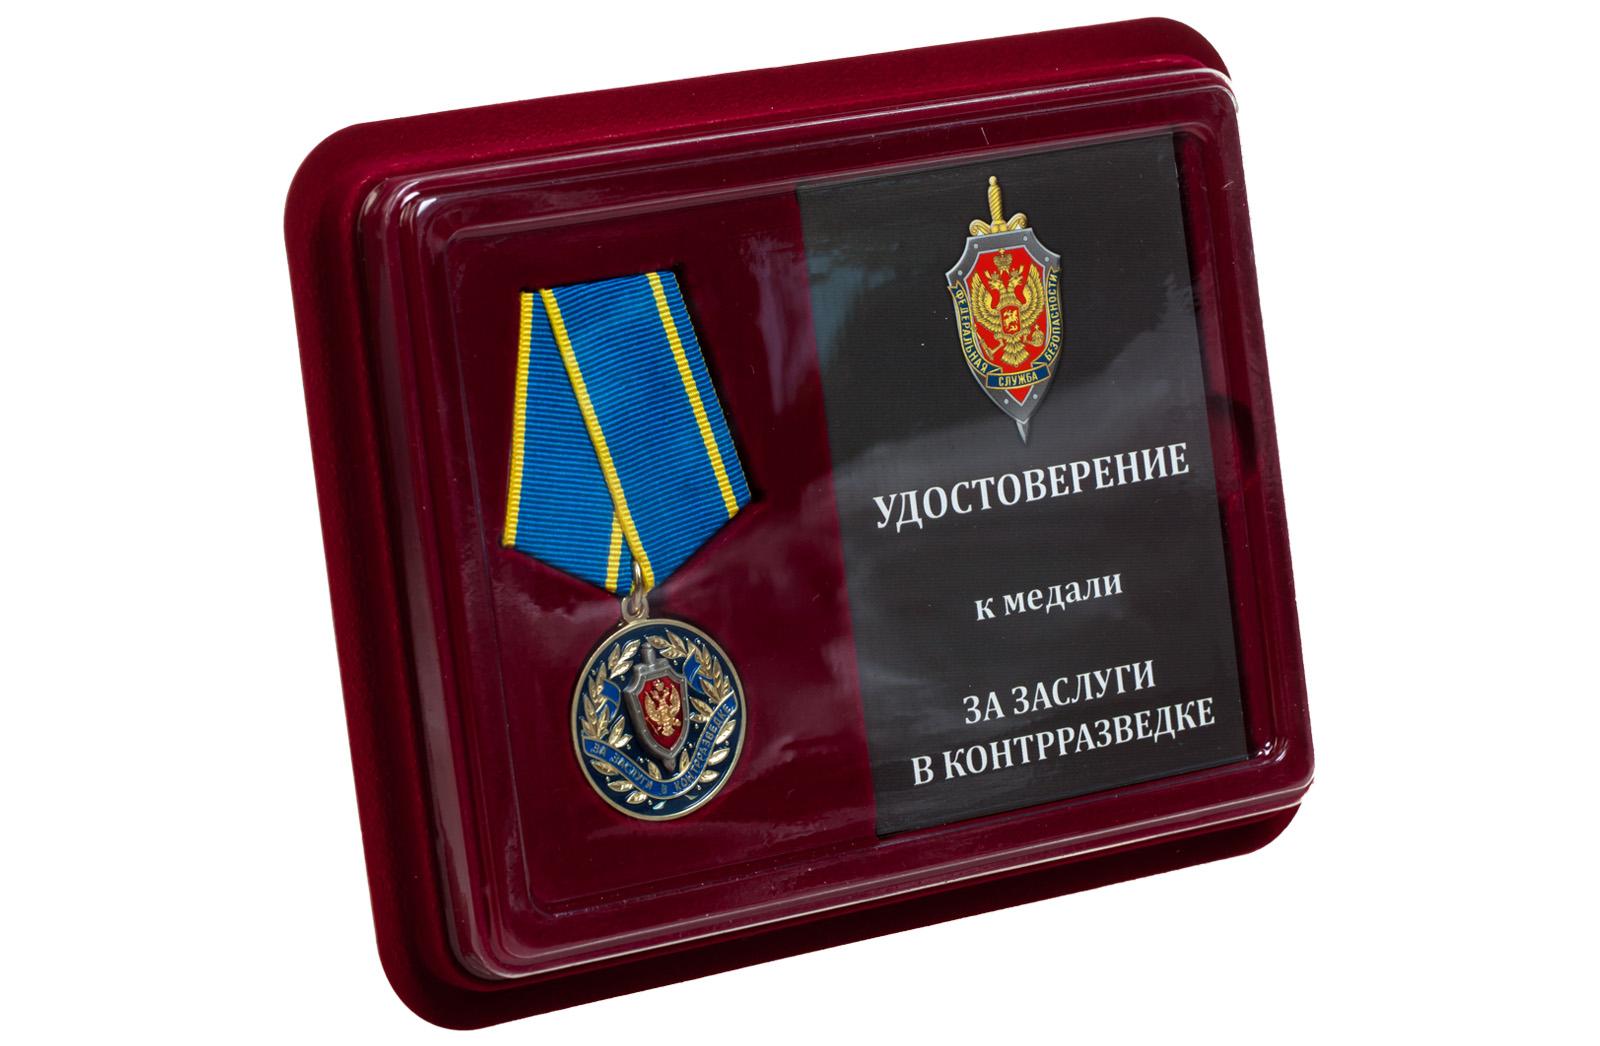 Купить медаль ФСБ РФ За заслуги в контрразведке оптом выгодно